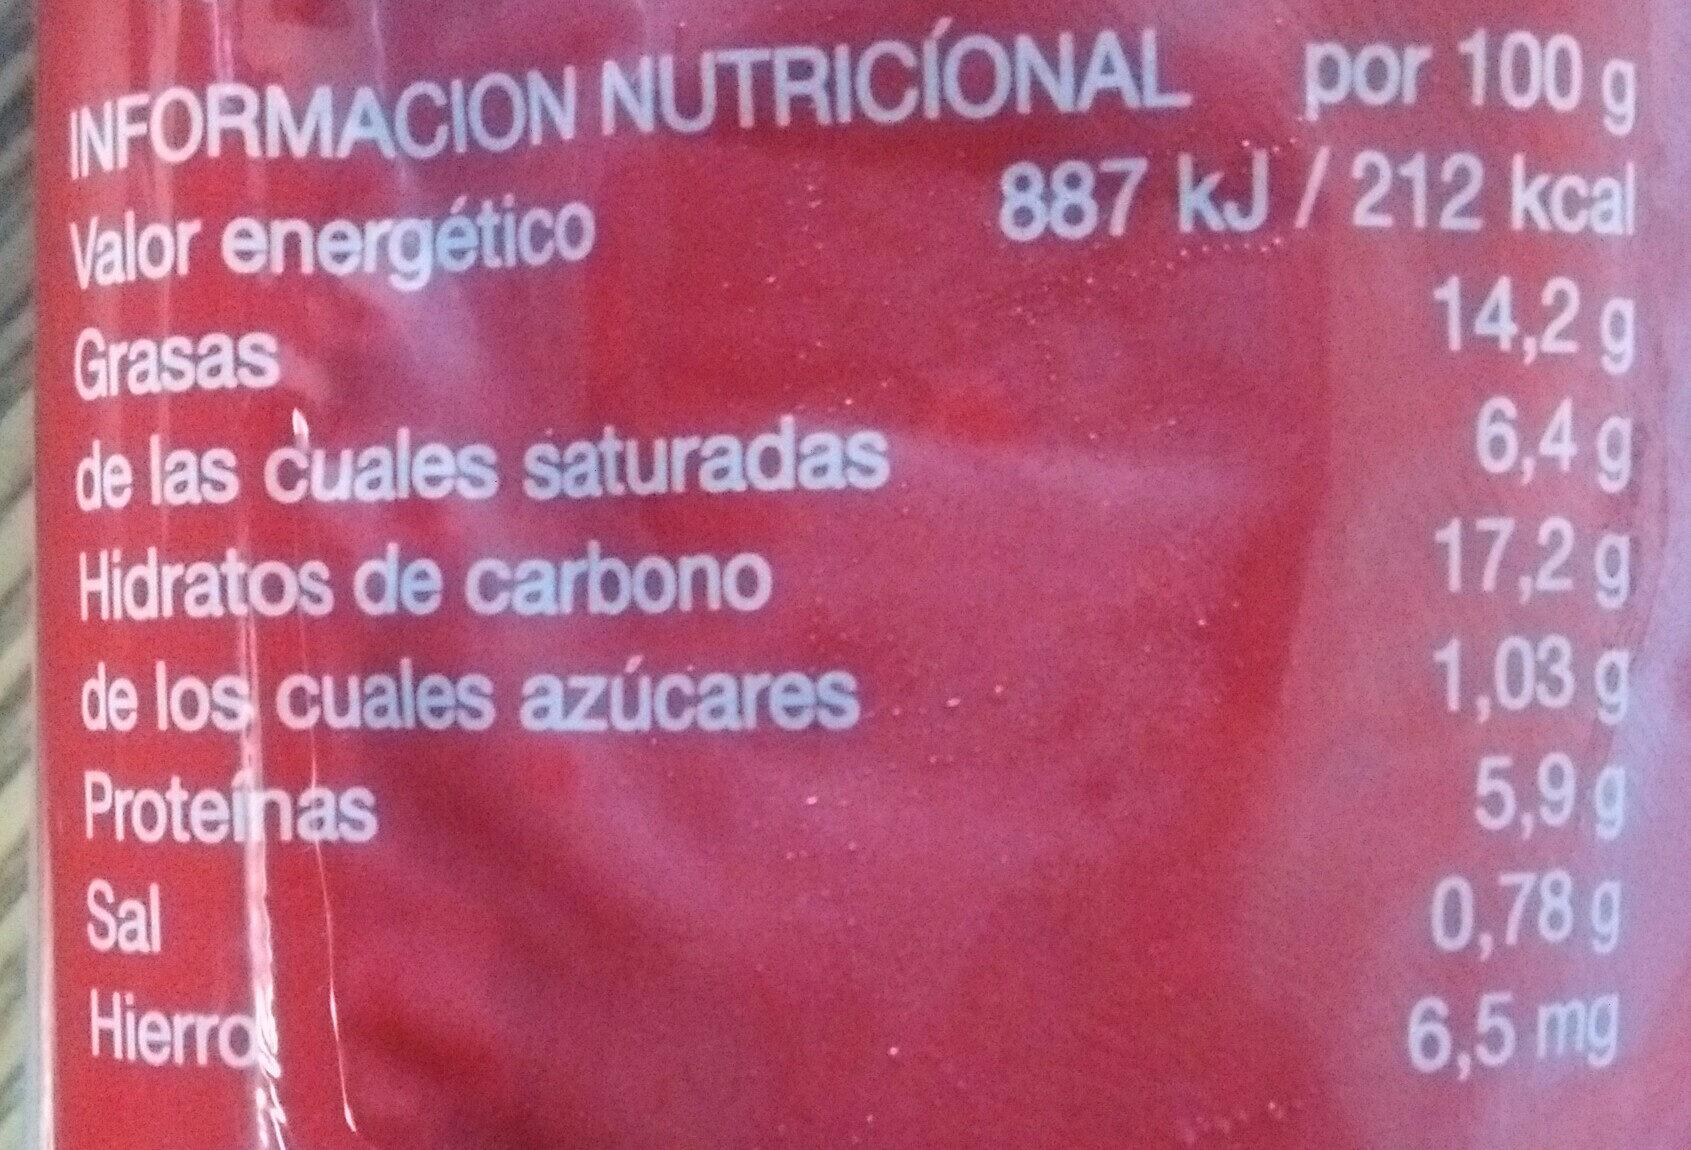 Morcilla de Burgos - Nutrition facts - es